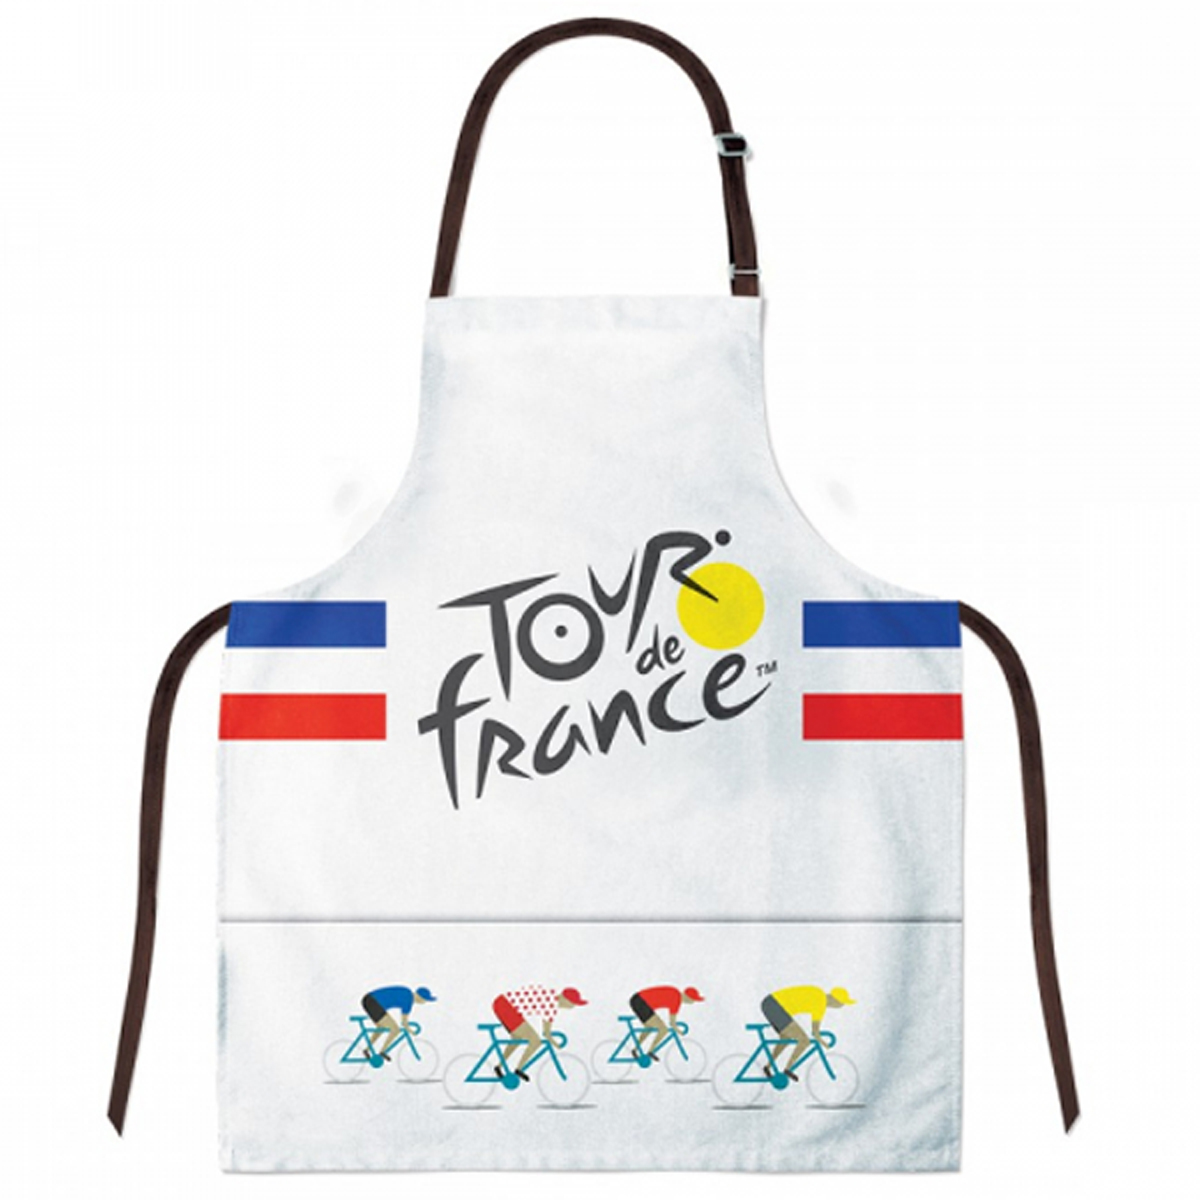 Tablier créateur coton \'Tour de France\' bleu blanc rouge - 78x68 cm - [R1964]